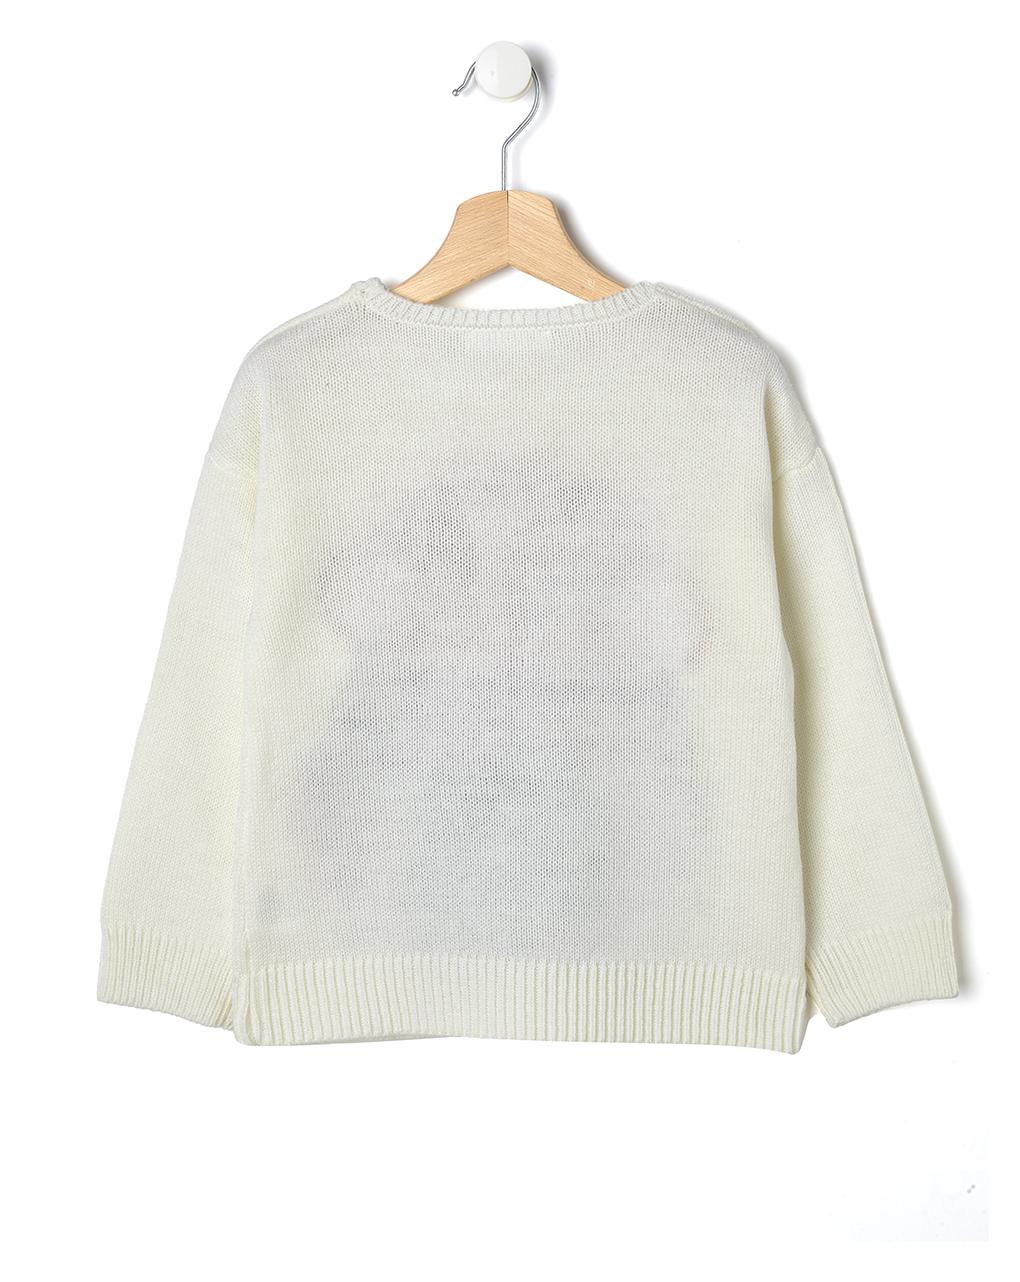 Maglia natalizia in tricot panna con pinguino - Prénatal